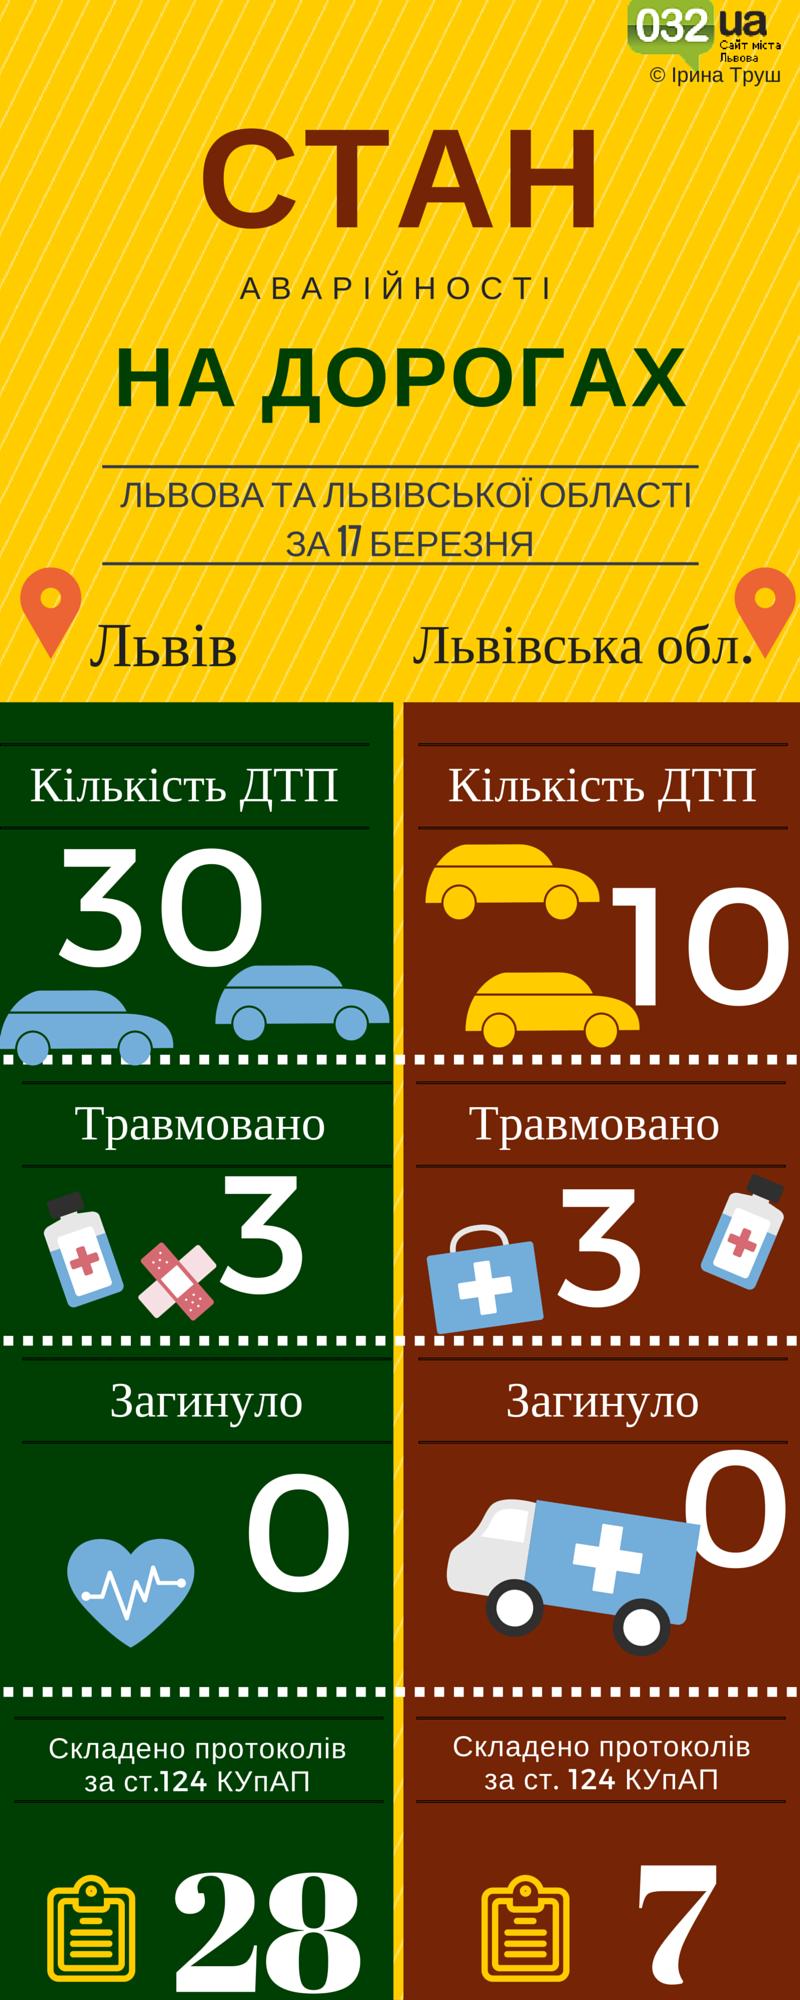 Львів. Стан аварійності на дорогах (2)